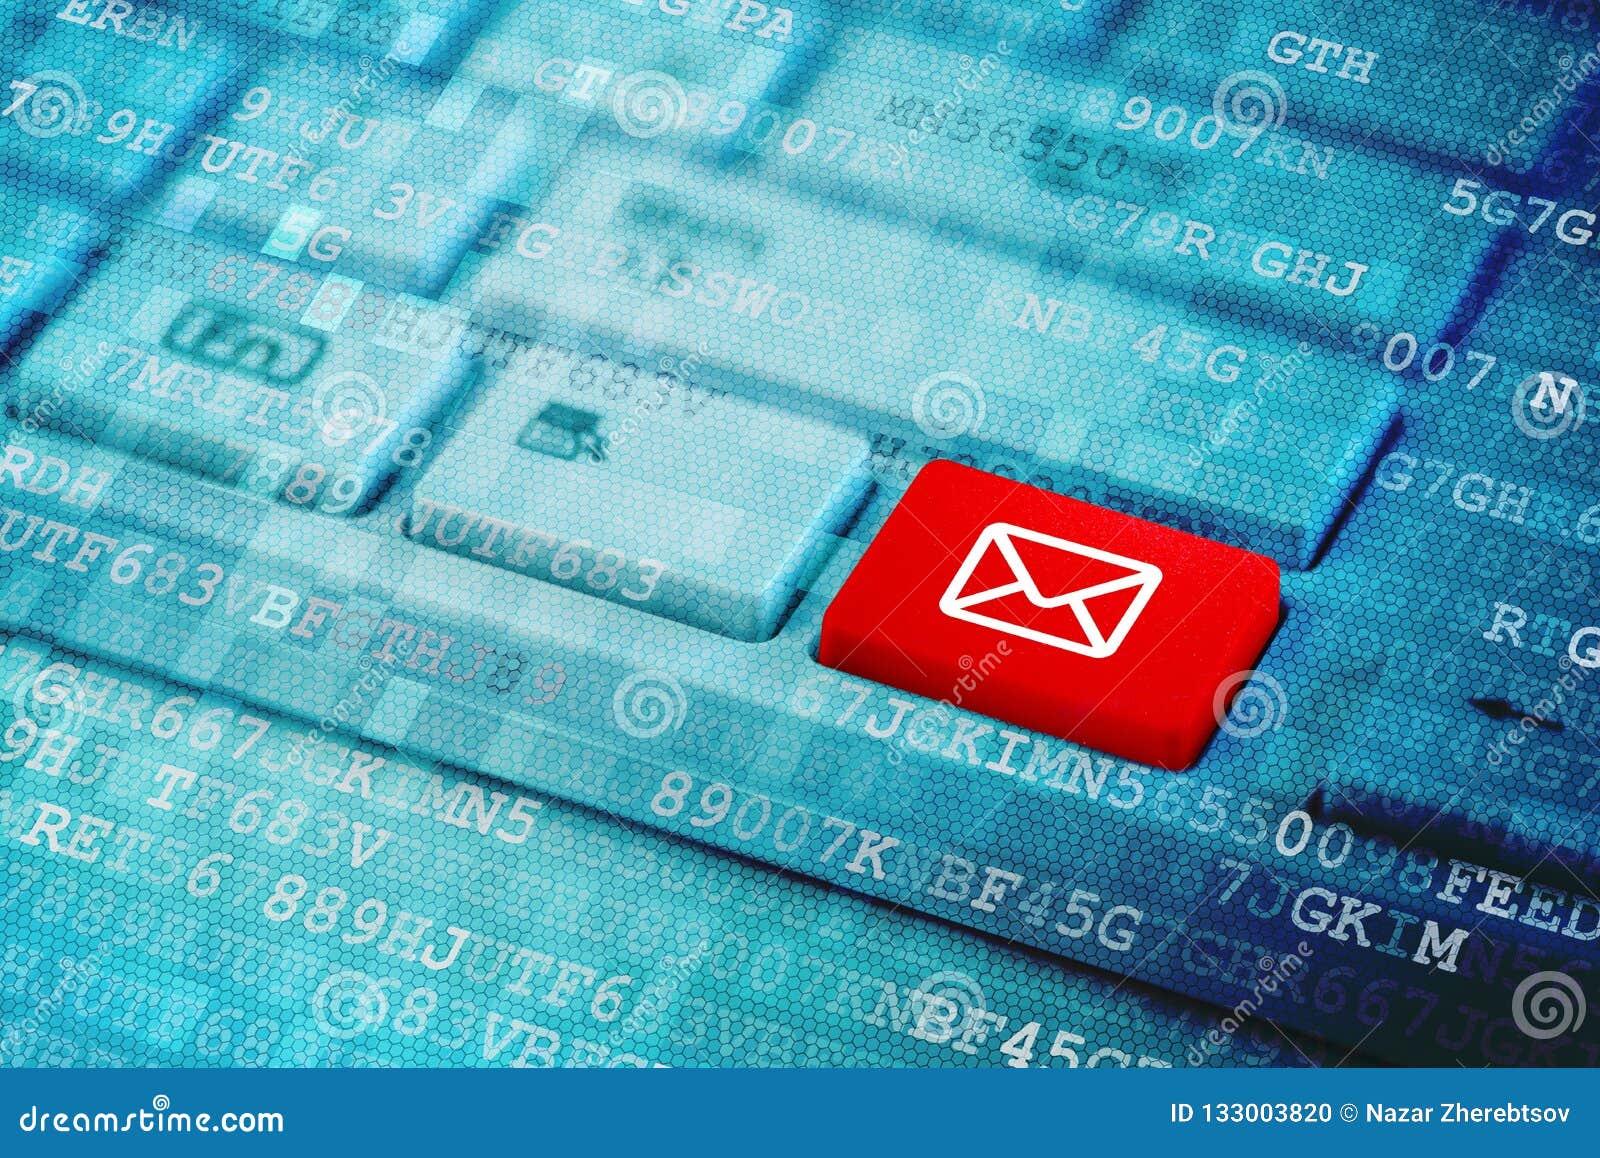 Roter Schlüssel mit Postikonensymbol auf blauer digitaler Laptoptastatur